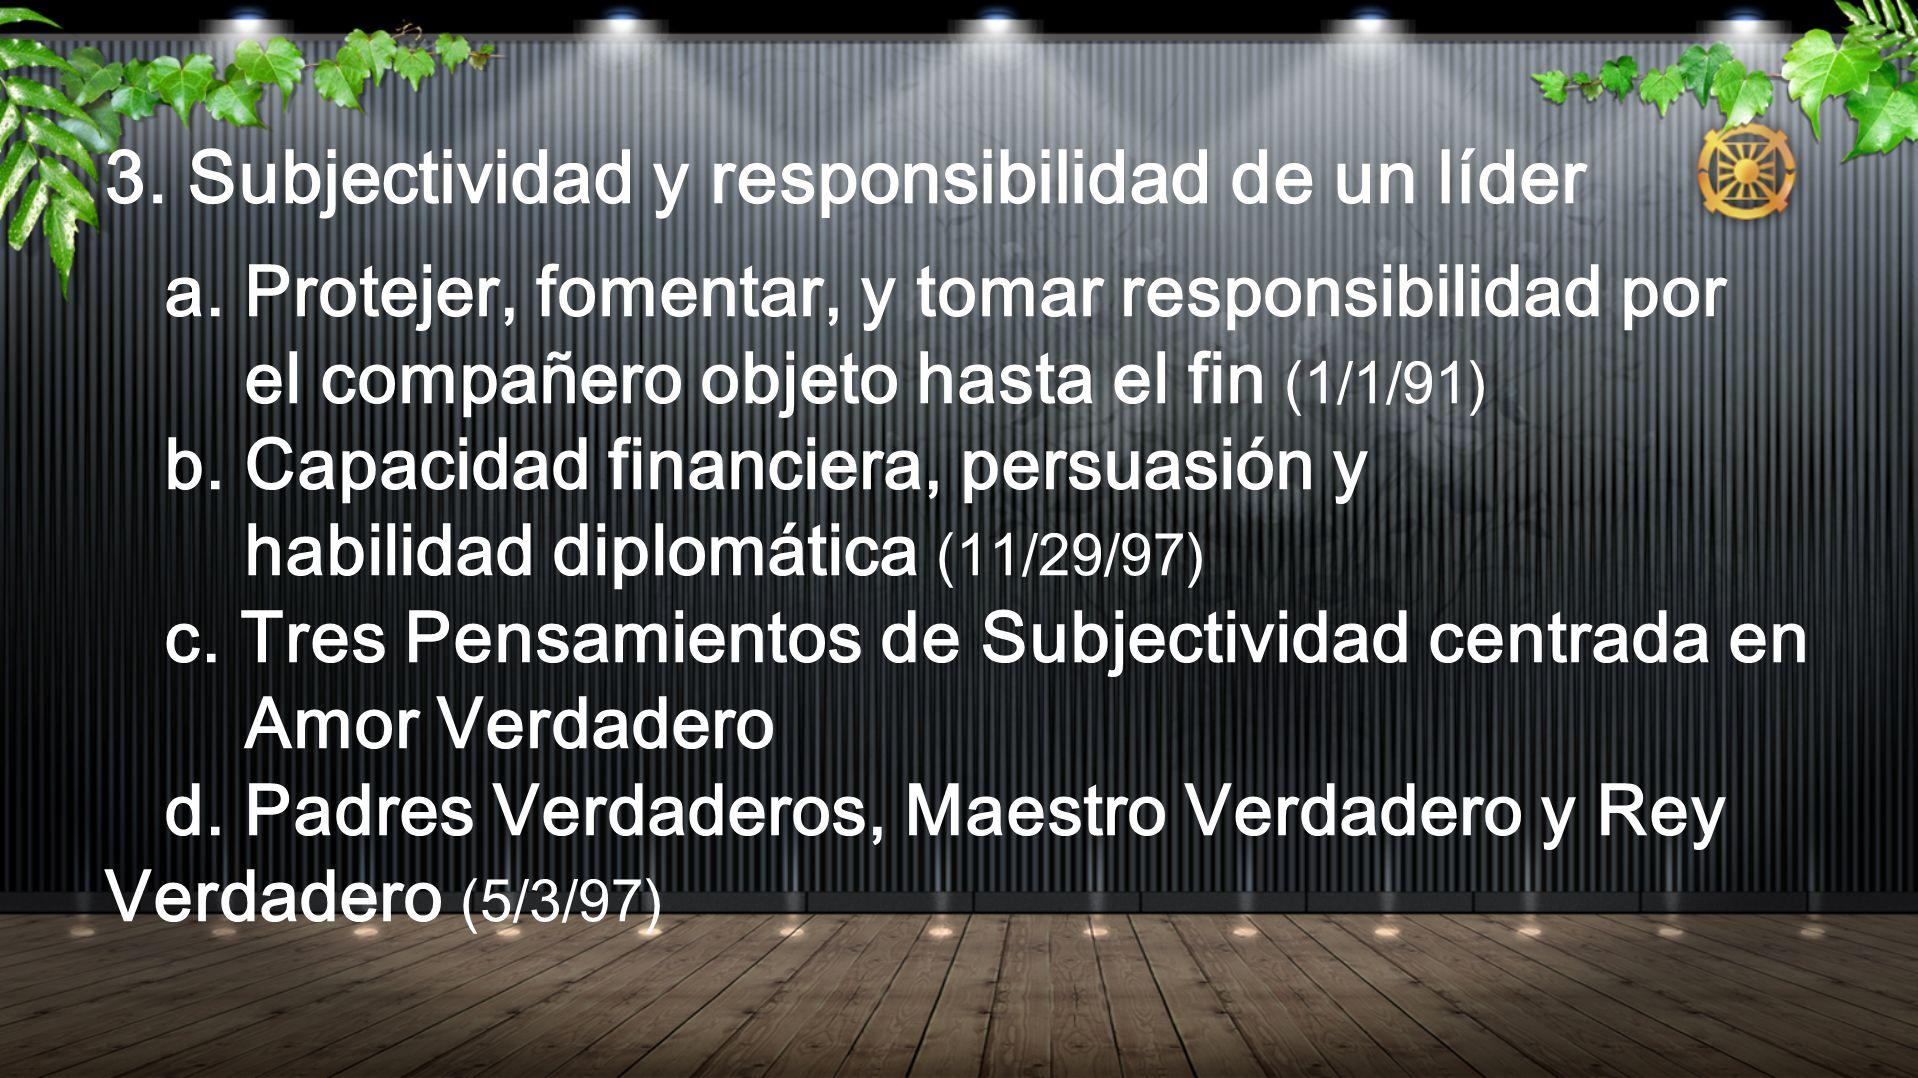 3. Subjectividad y responsibilidad de un líder